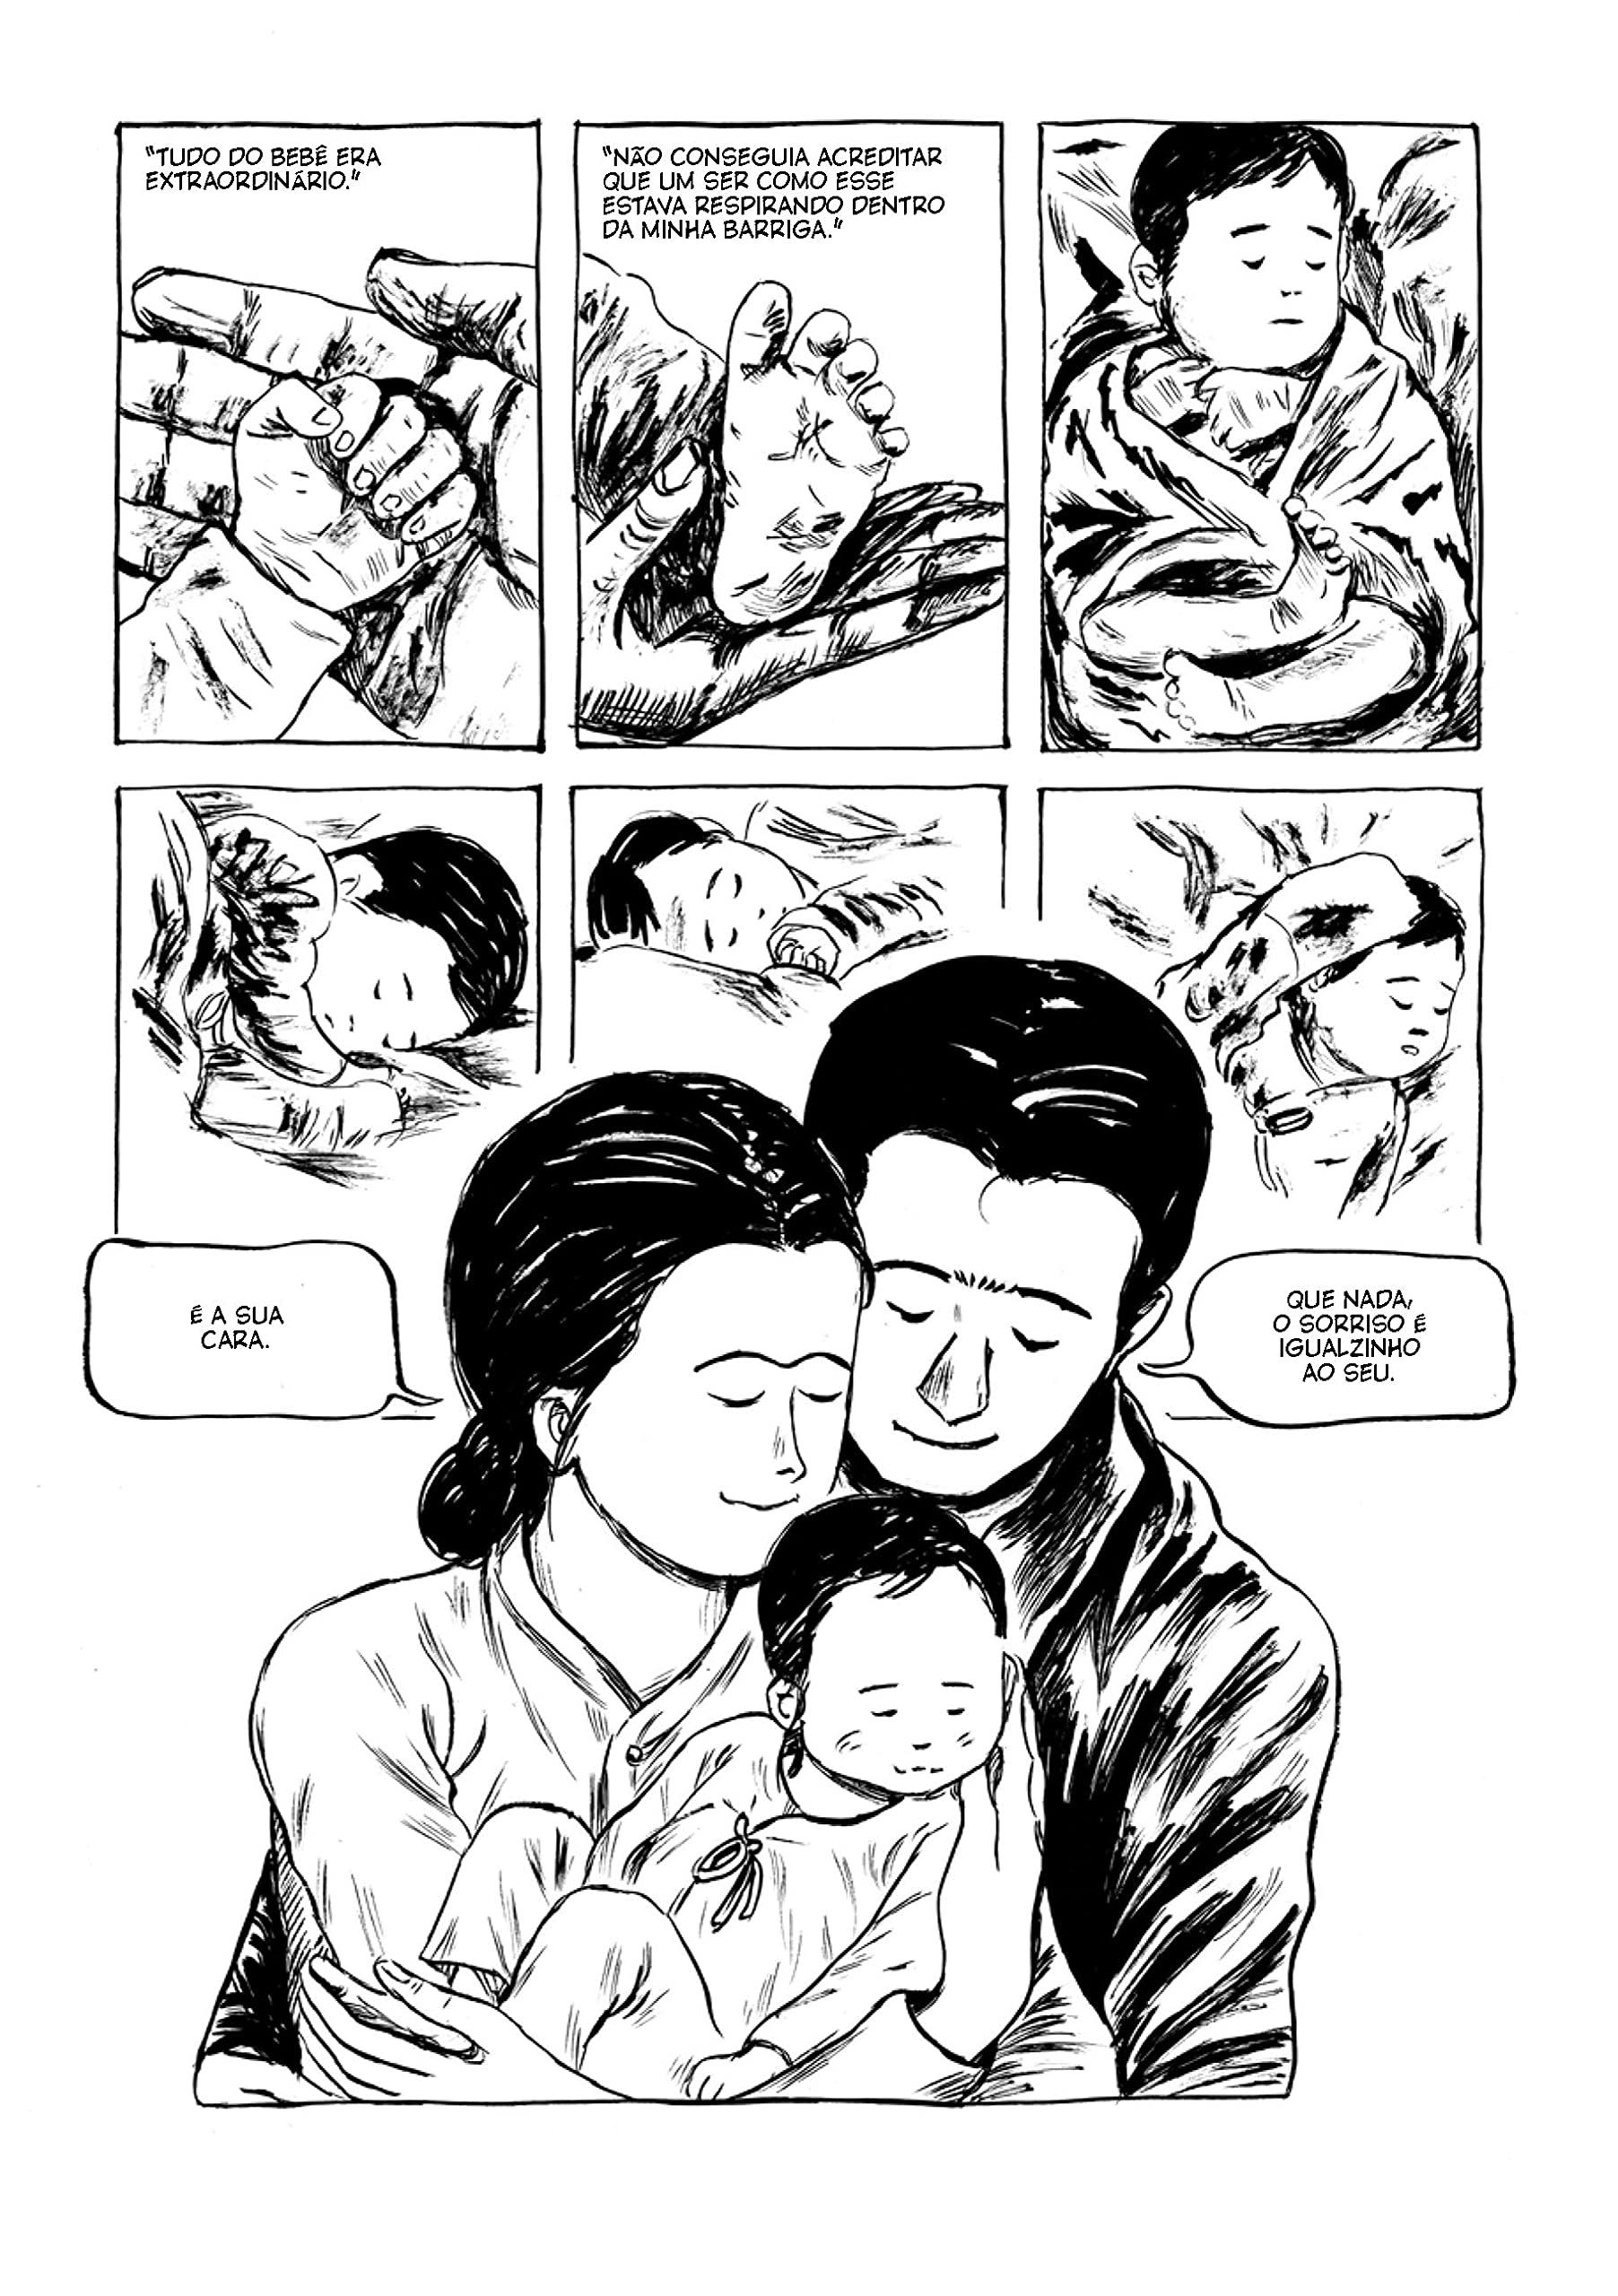 a-espera-manhwa-Keum-Suk-Gendry-Kim autora de grama-editora-pipoca-e-nanquim-2021